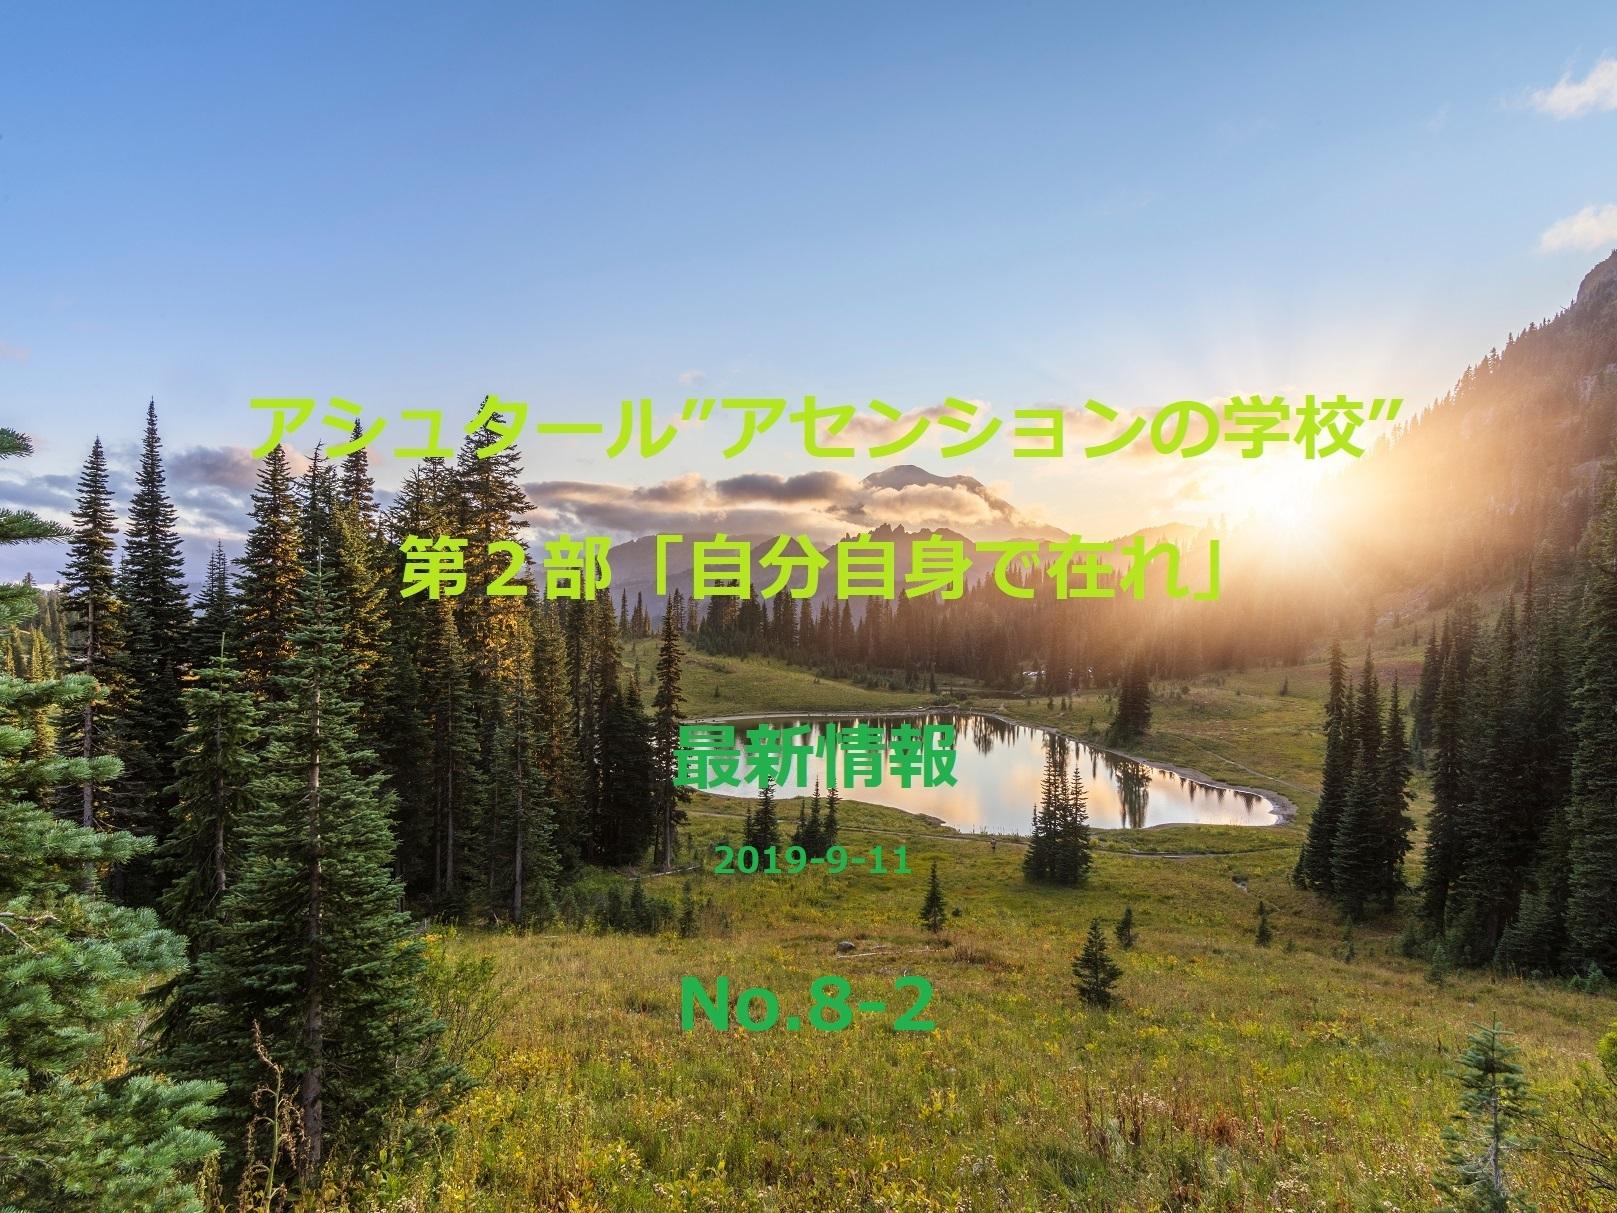 アシュタール最新情報No.8-2(2019-9-11)